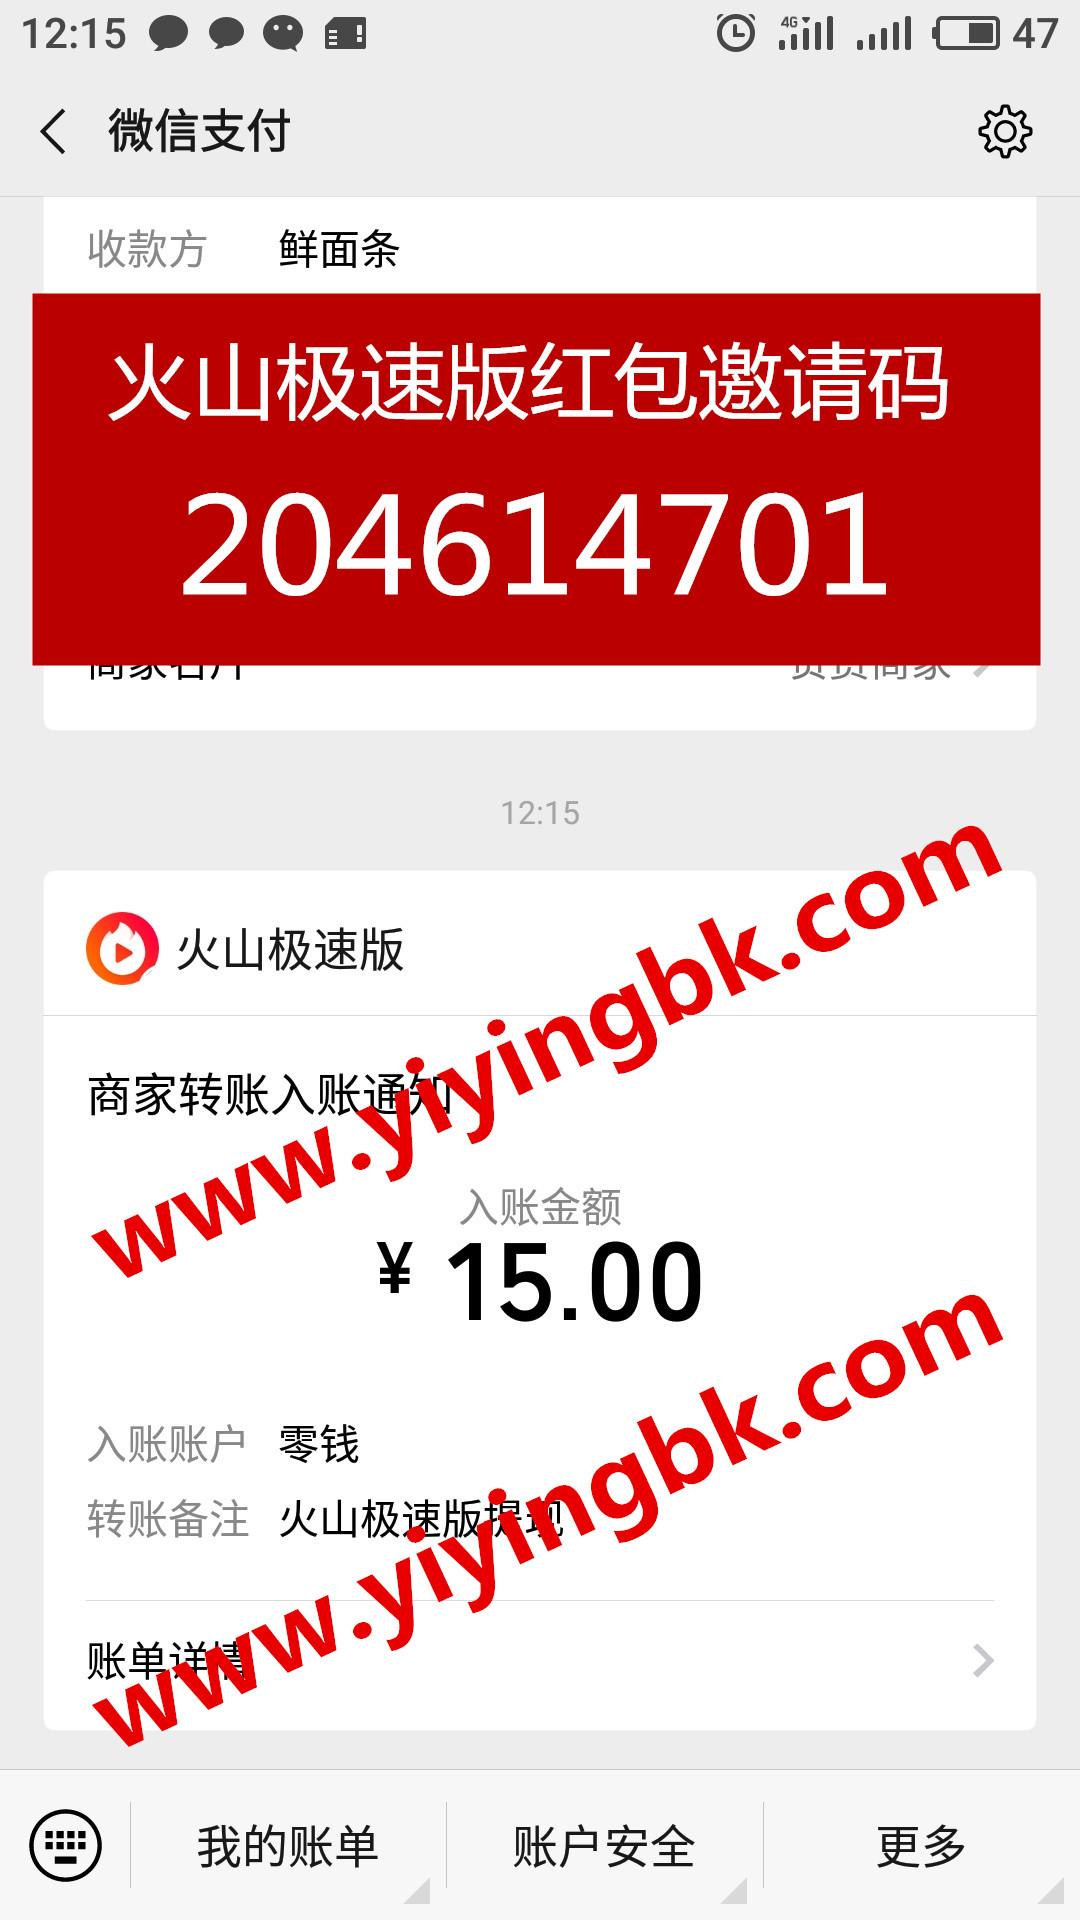 火山极速版红包邀请码204614701,看视频赚钱,微信提现15元极速支付到账。www.yiyingbk.com